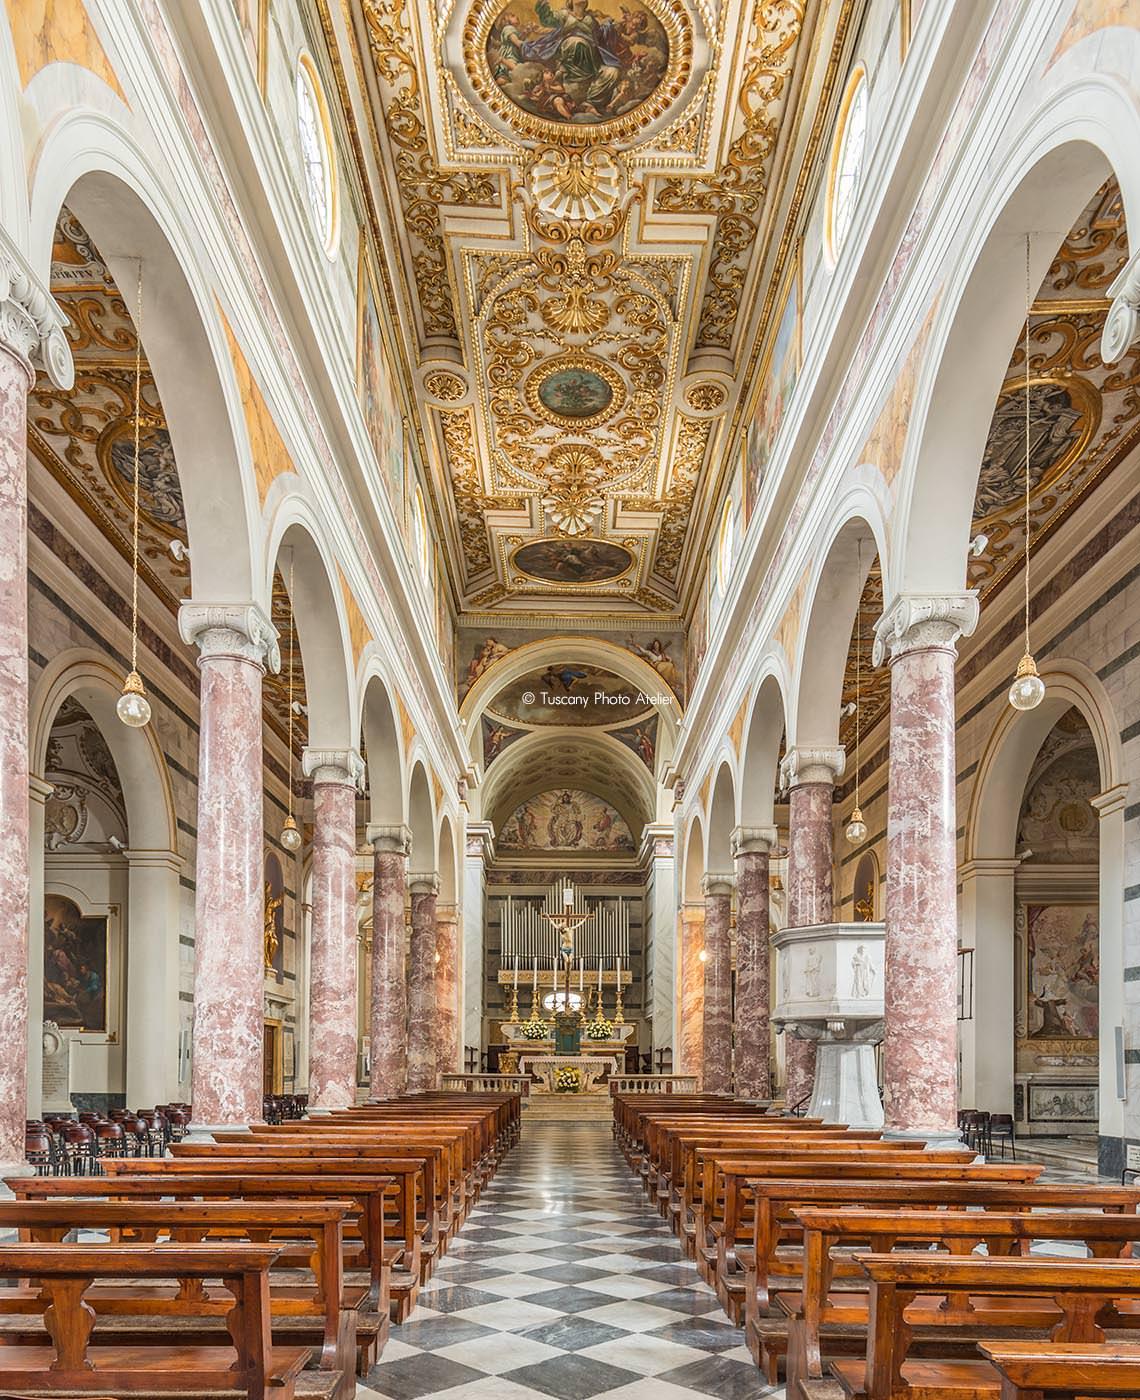 Visita guidata all'interno della cattedrale di Santa Maria Assunta e San Genesio (Duomo) a San Miniato